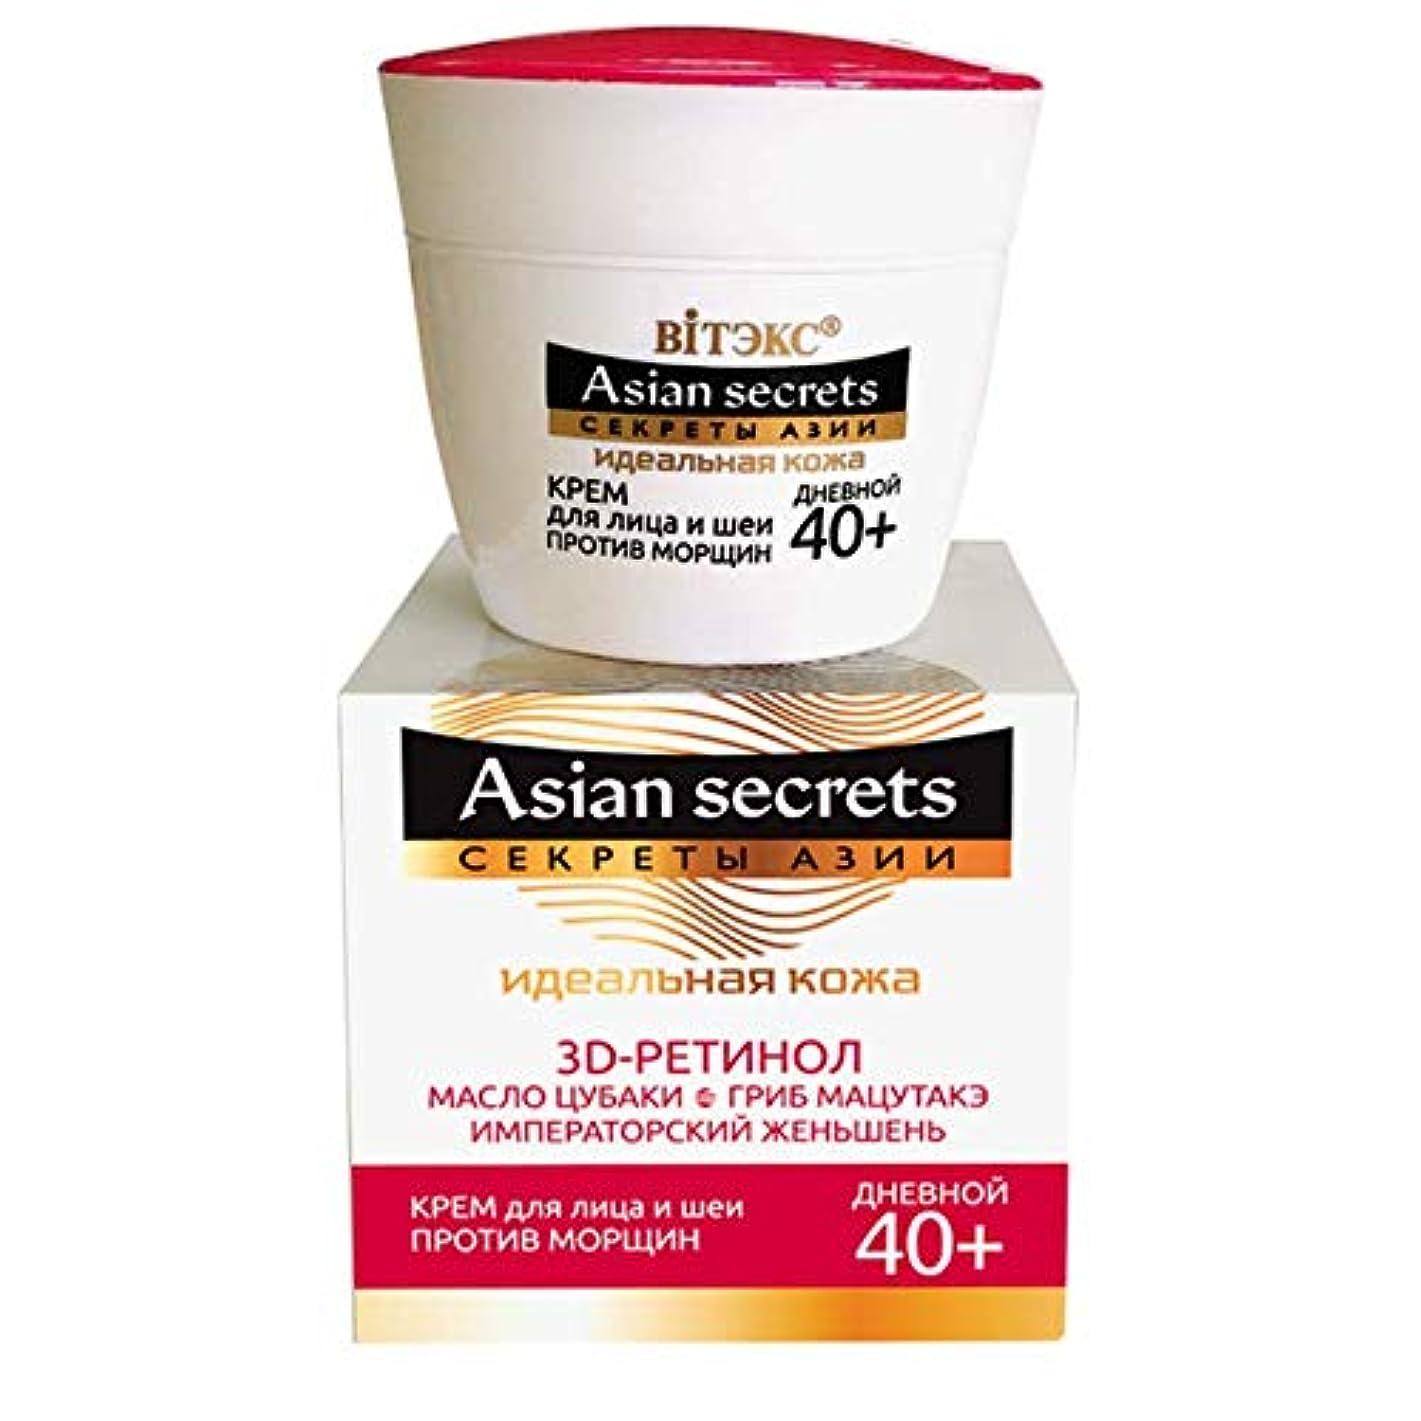 エレメンタル効果的衛星Skin Care Moisturizer for dry skin and normal skin. Korean Beauty - Face day Cream Moisturizer | Japanese Camellia...